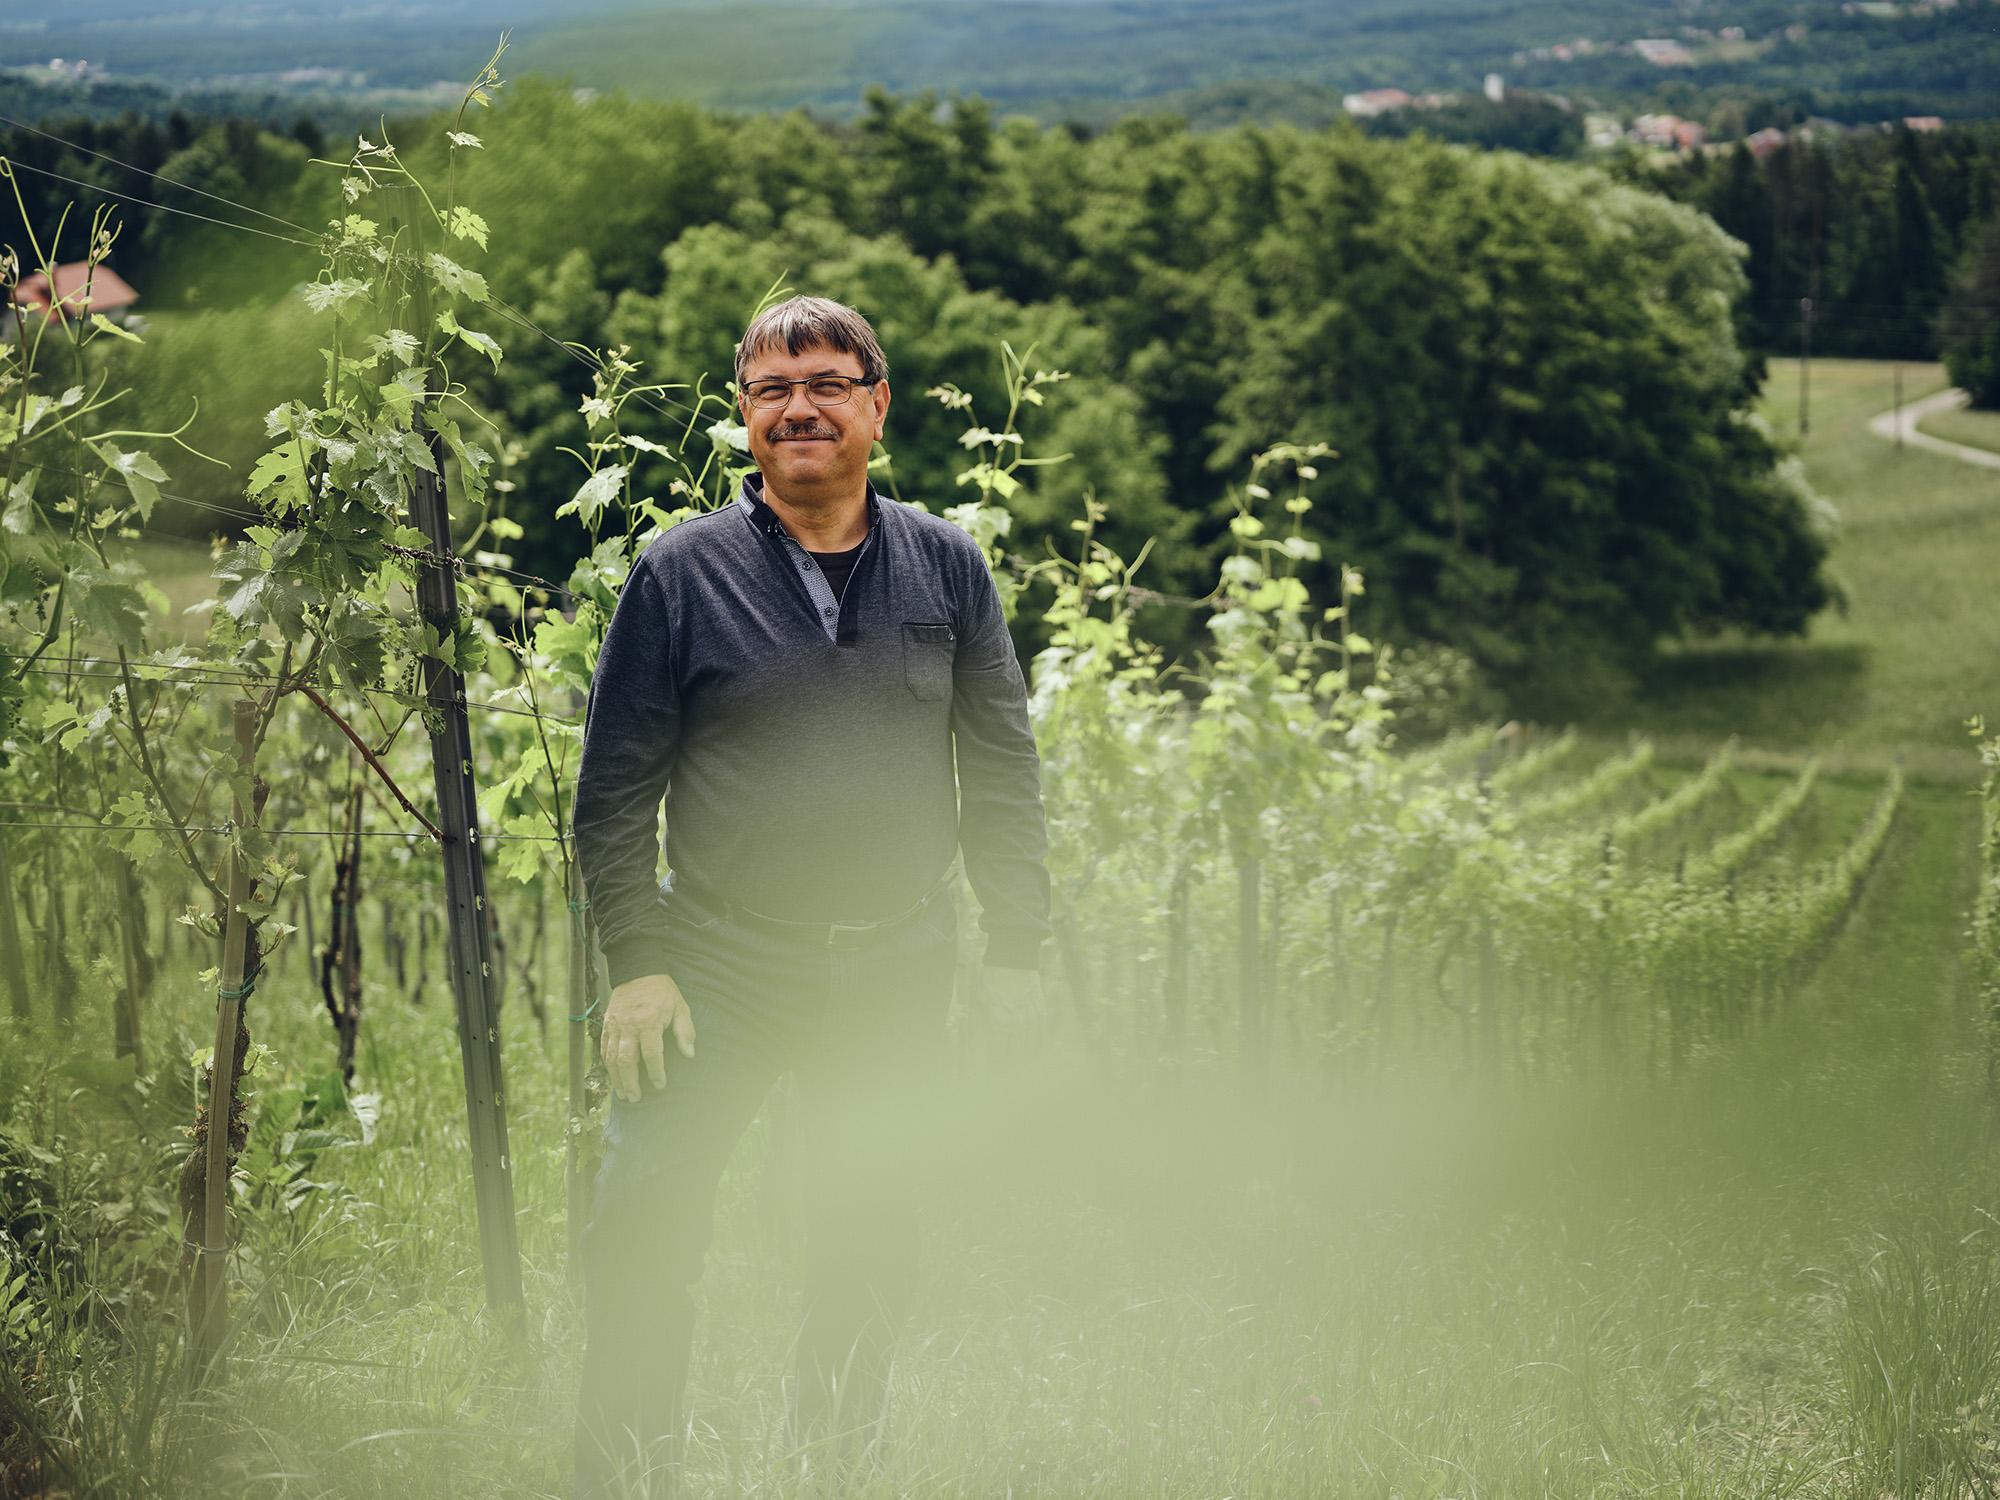 Zorjan v vinogradu